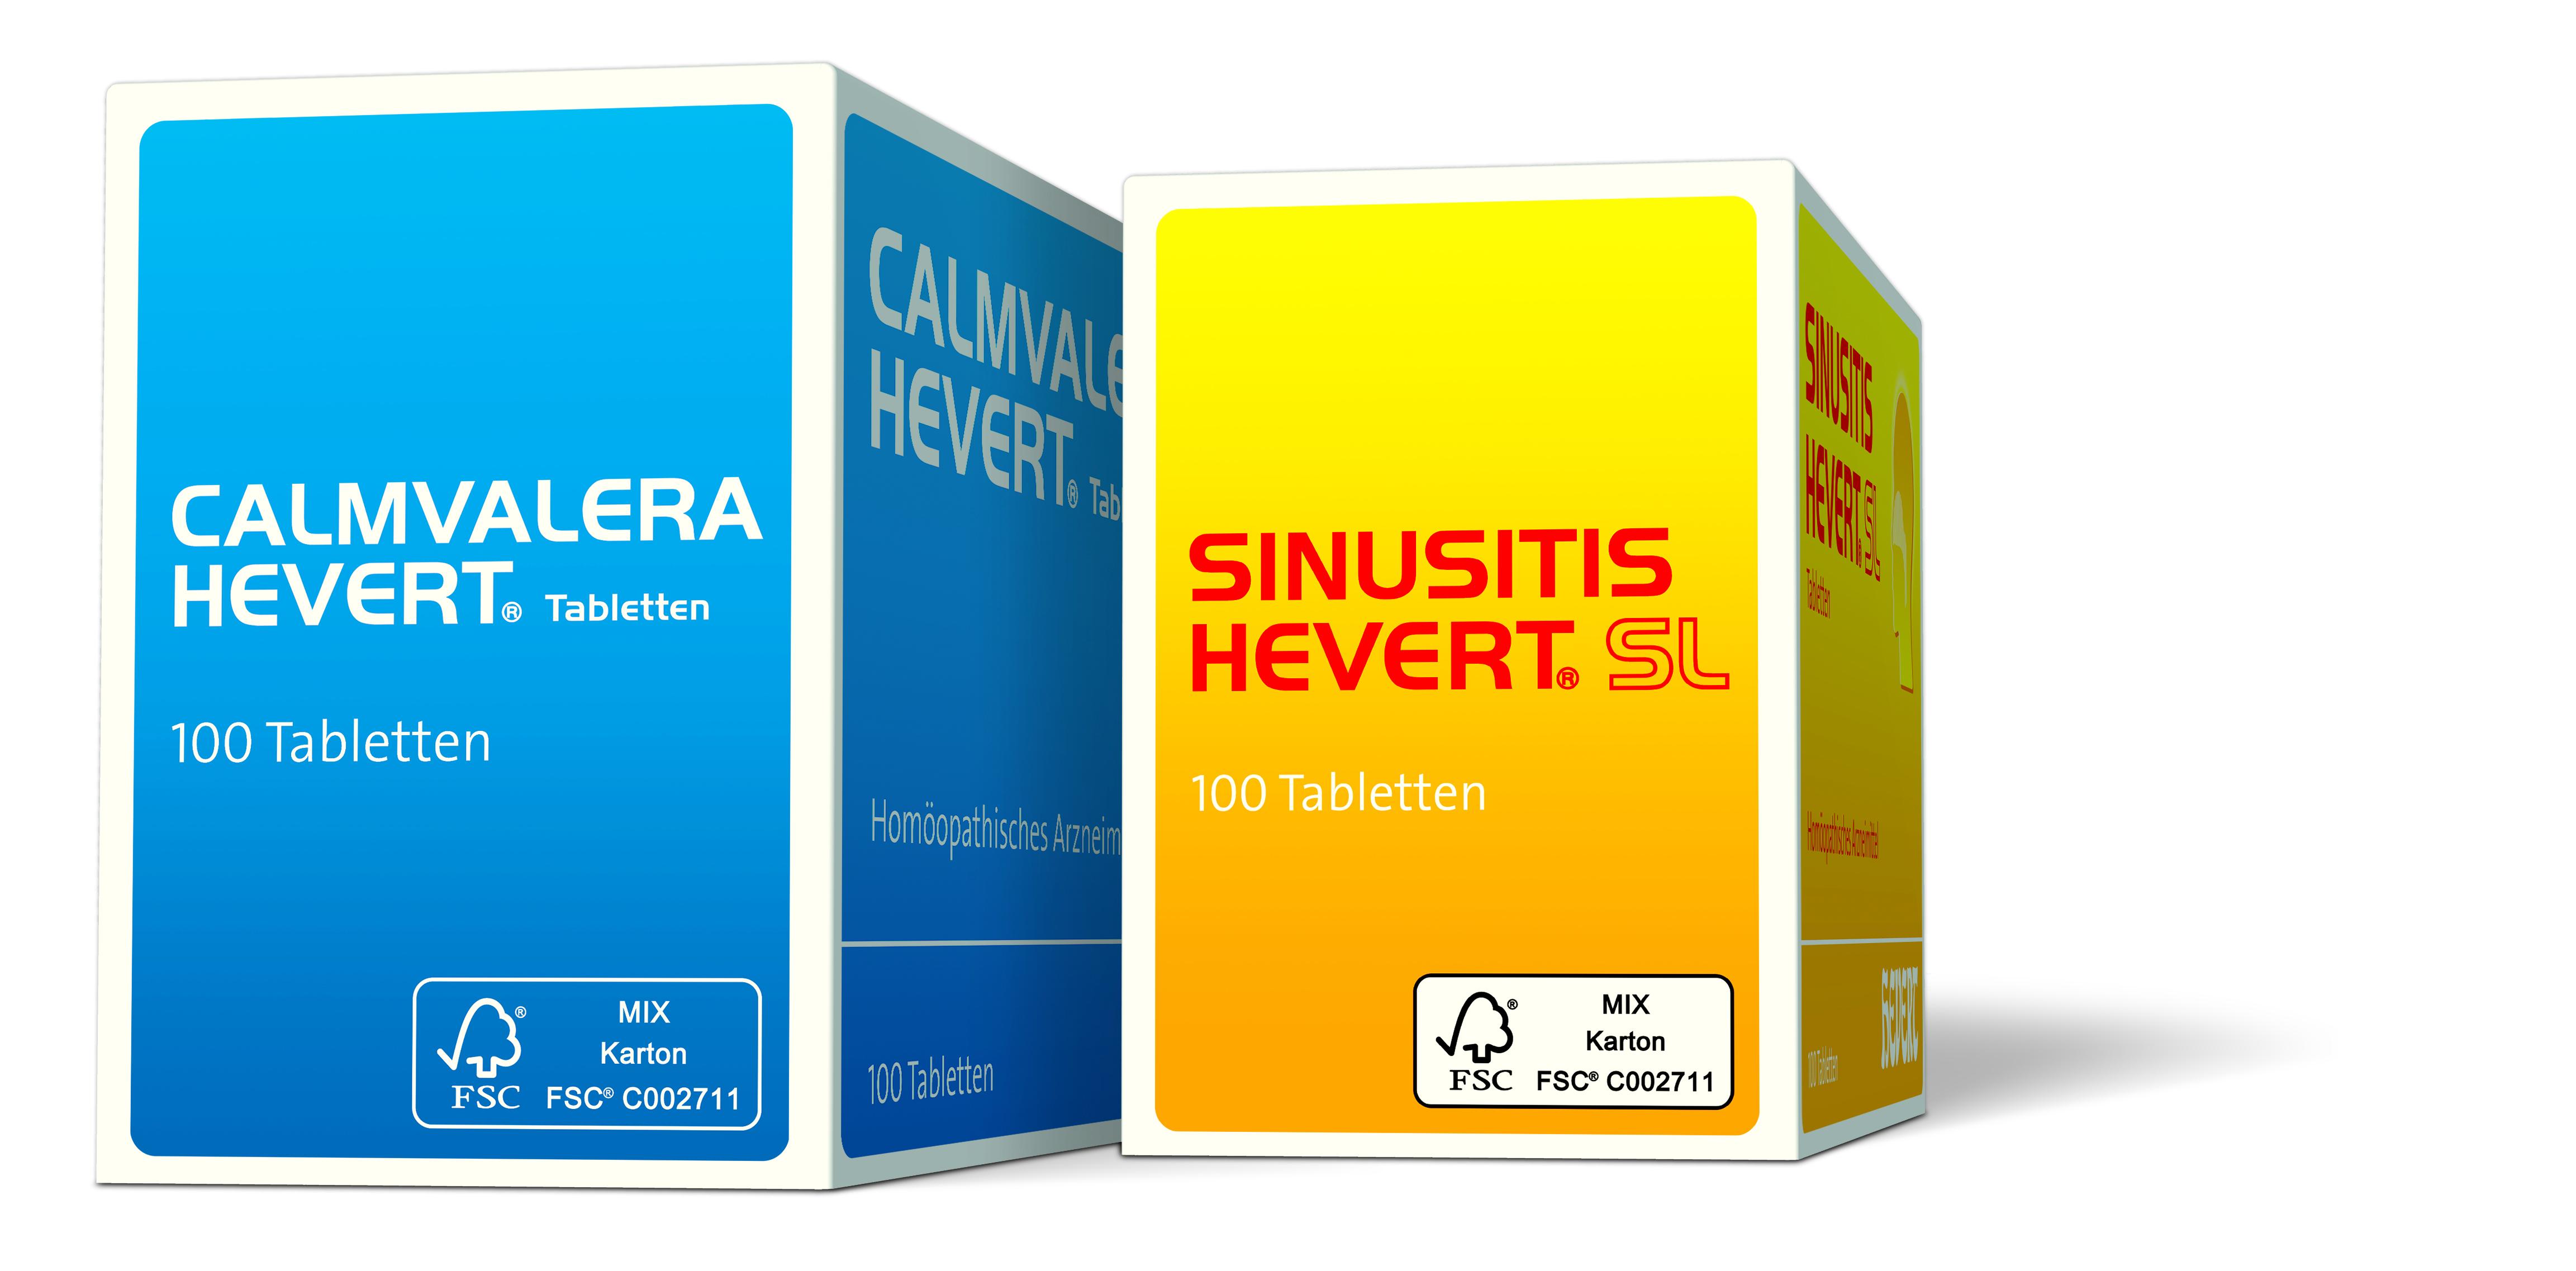 Hevert stellt auf umweltfreundliche Packmittel um